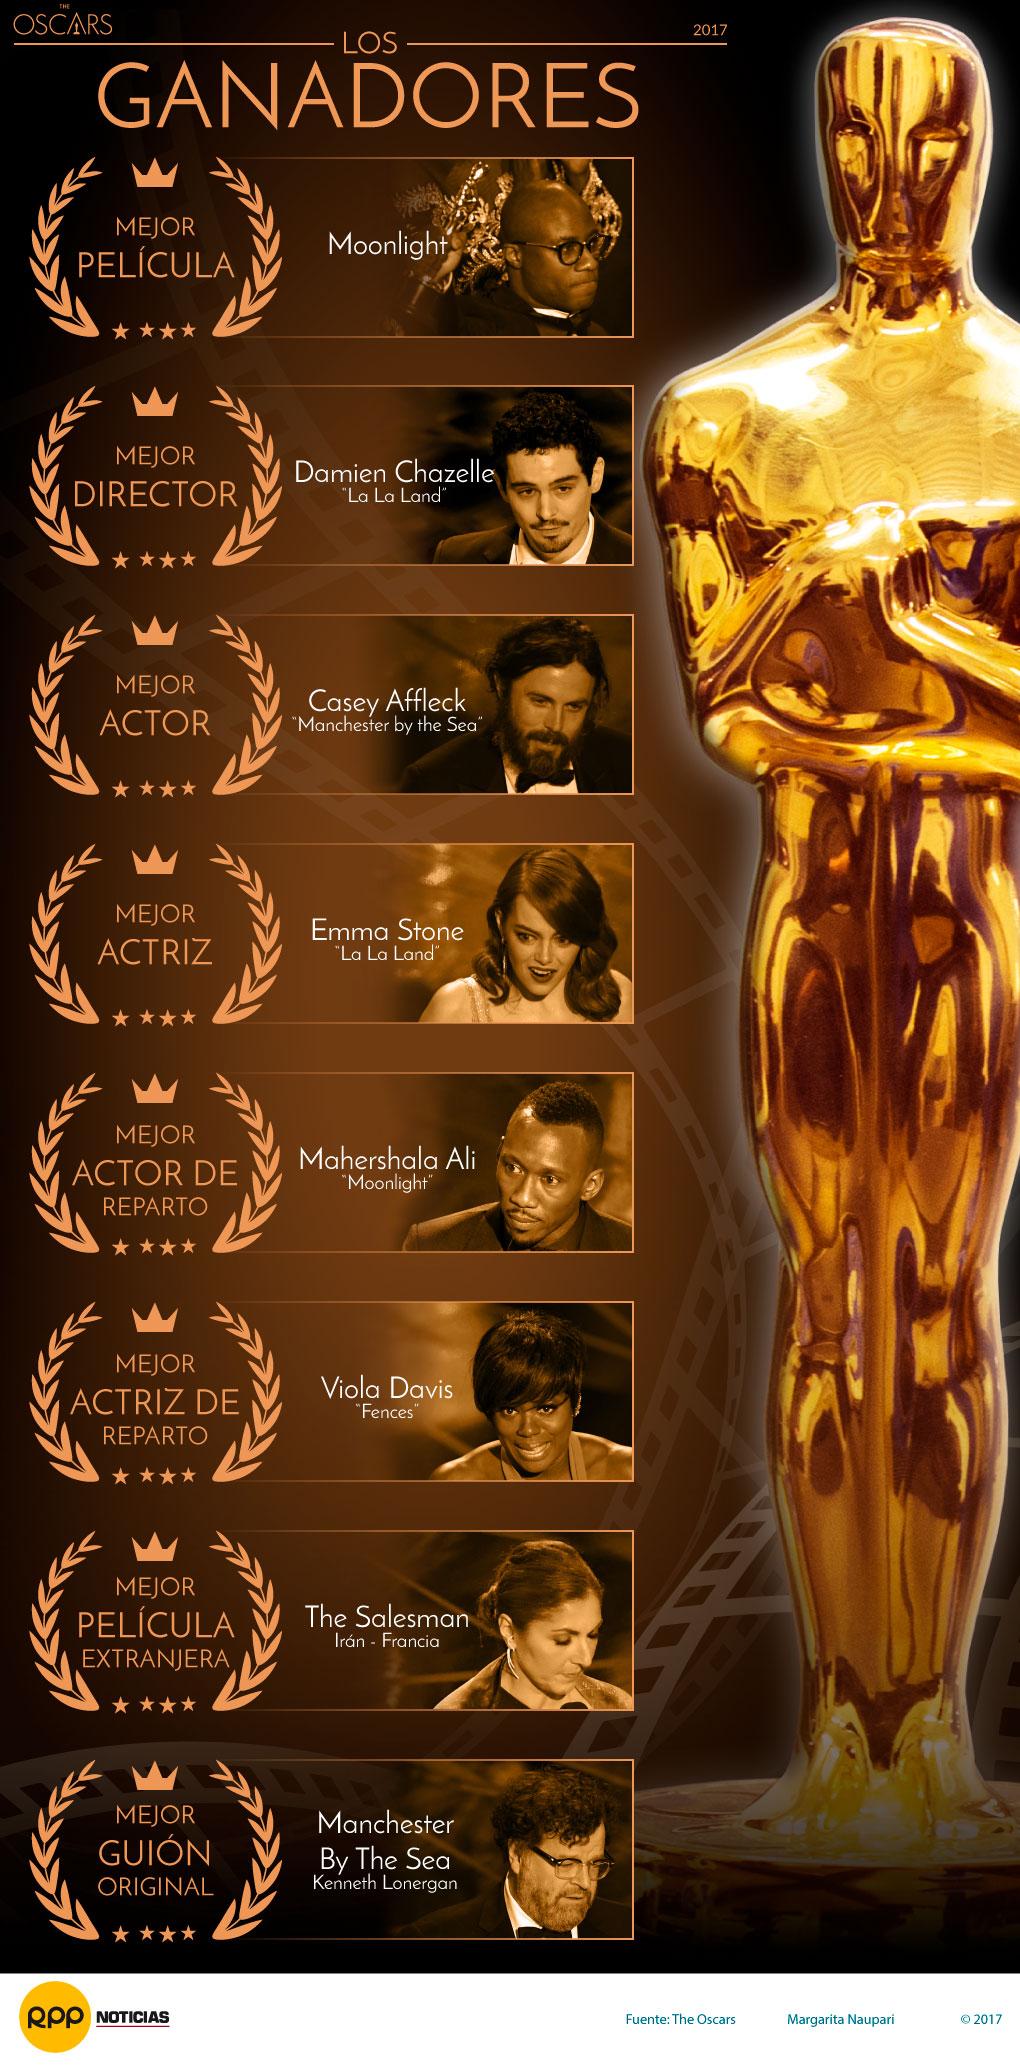 Oscar 2017, estos fueron los ganadores de la gala